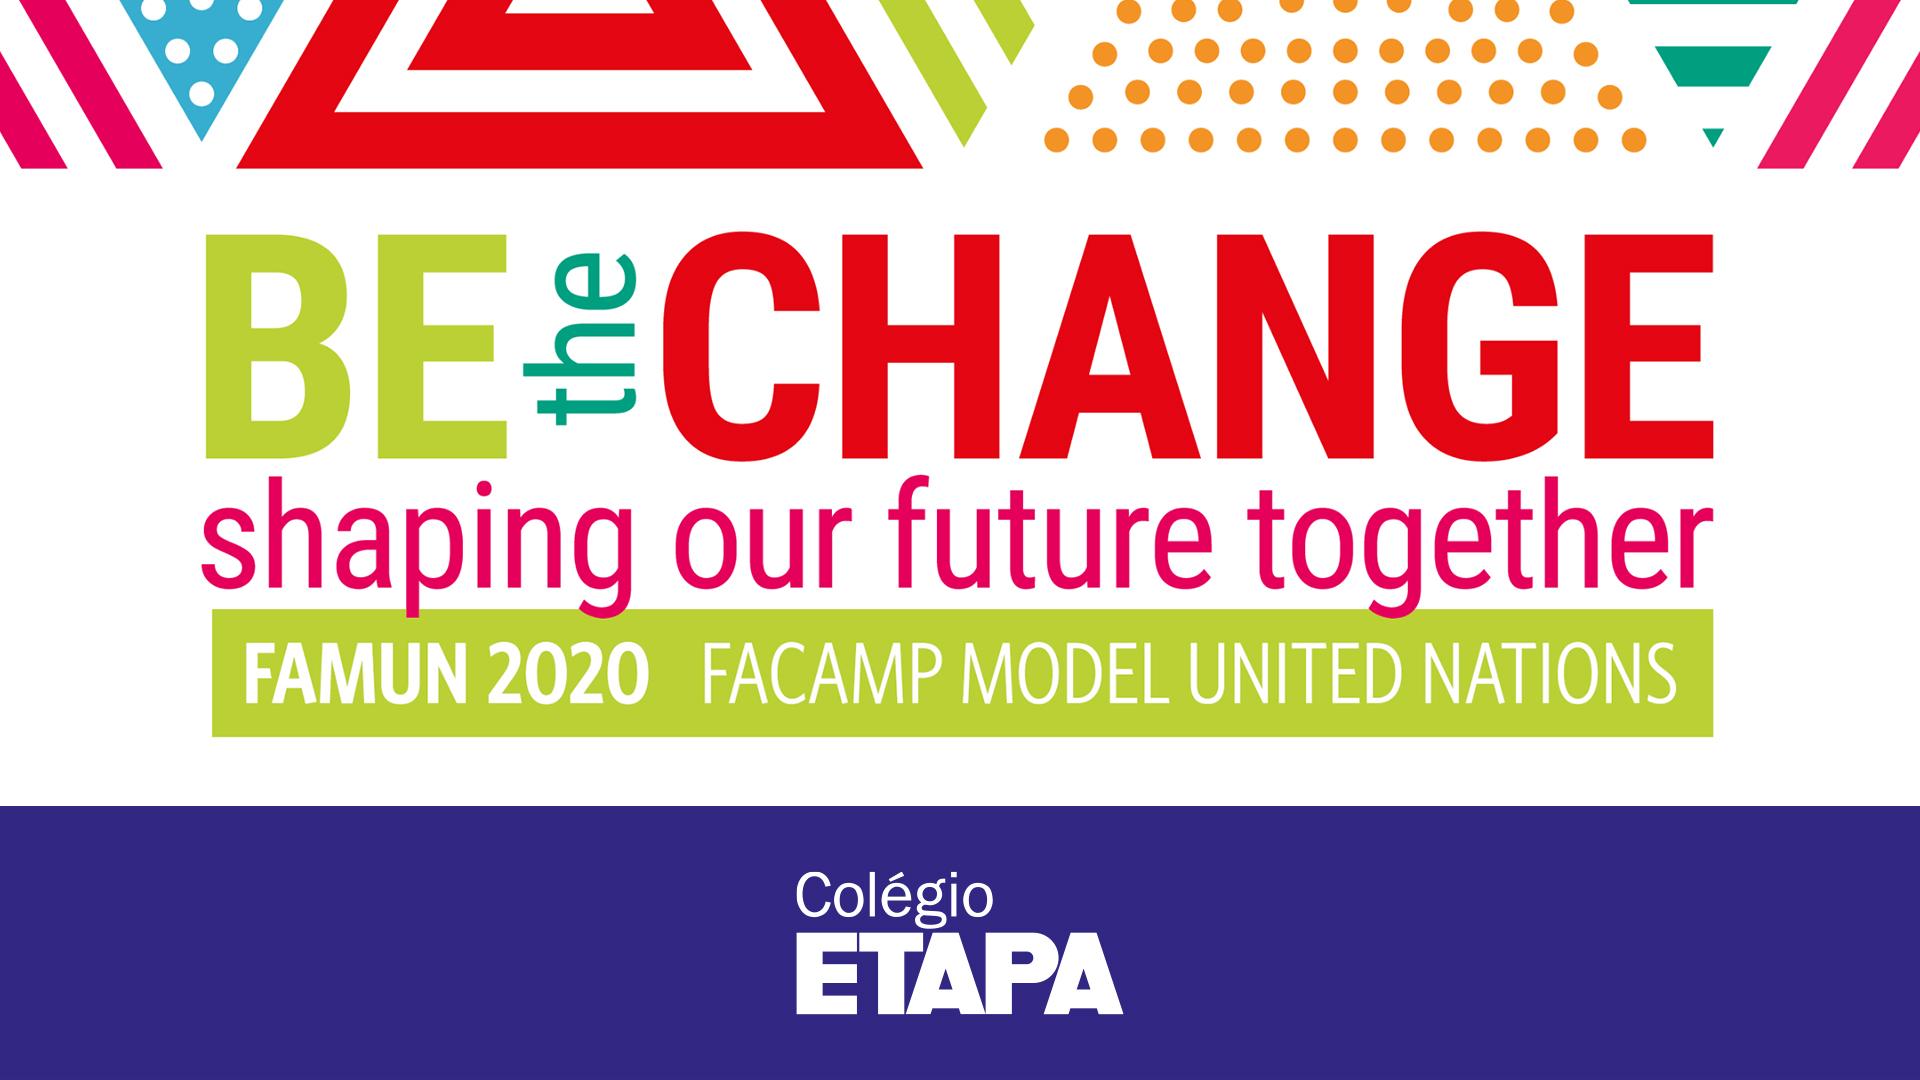 Alunos do Colégio Etapa são destaque no FAMUN 2020